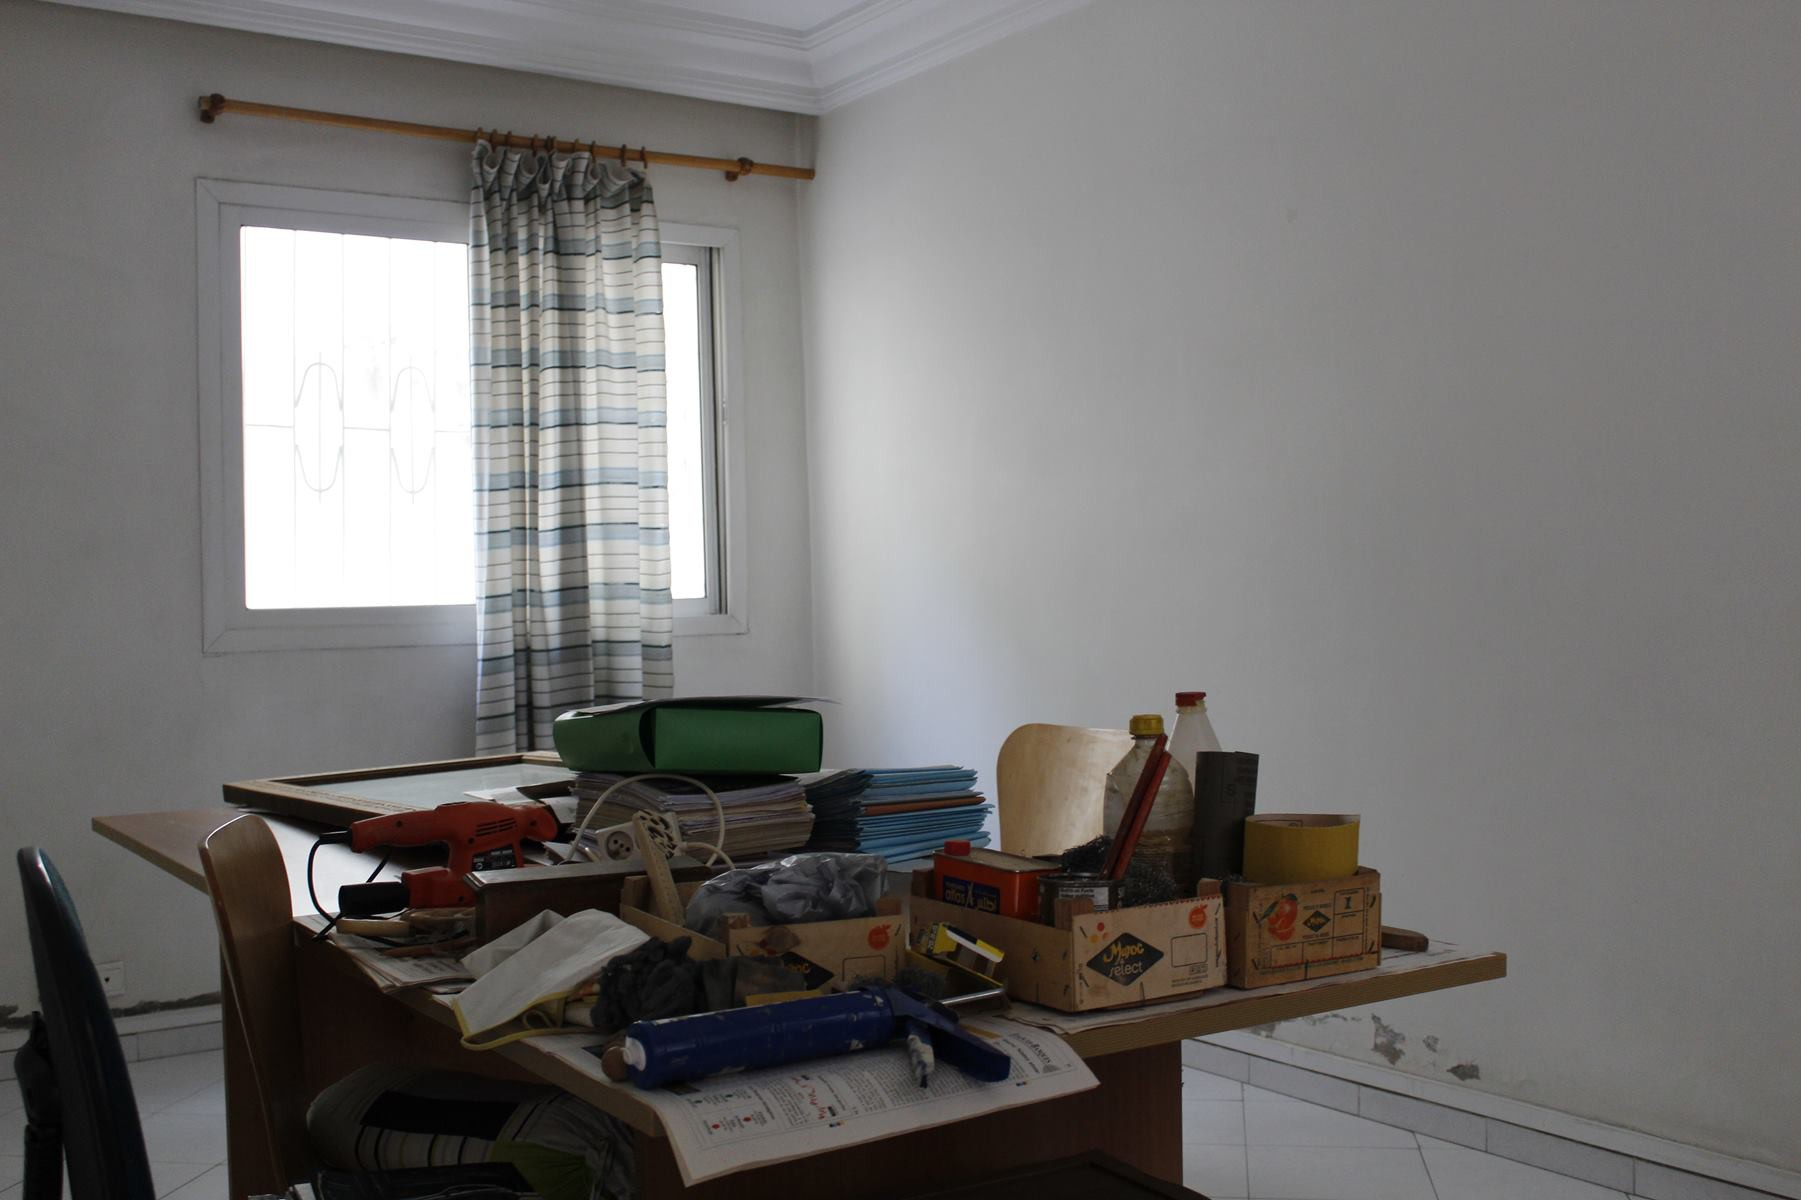 Casablanca, a vendre appartement / bureau dans une rue très calme open space secteur des hopitaux